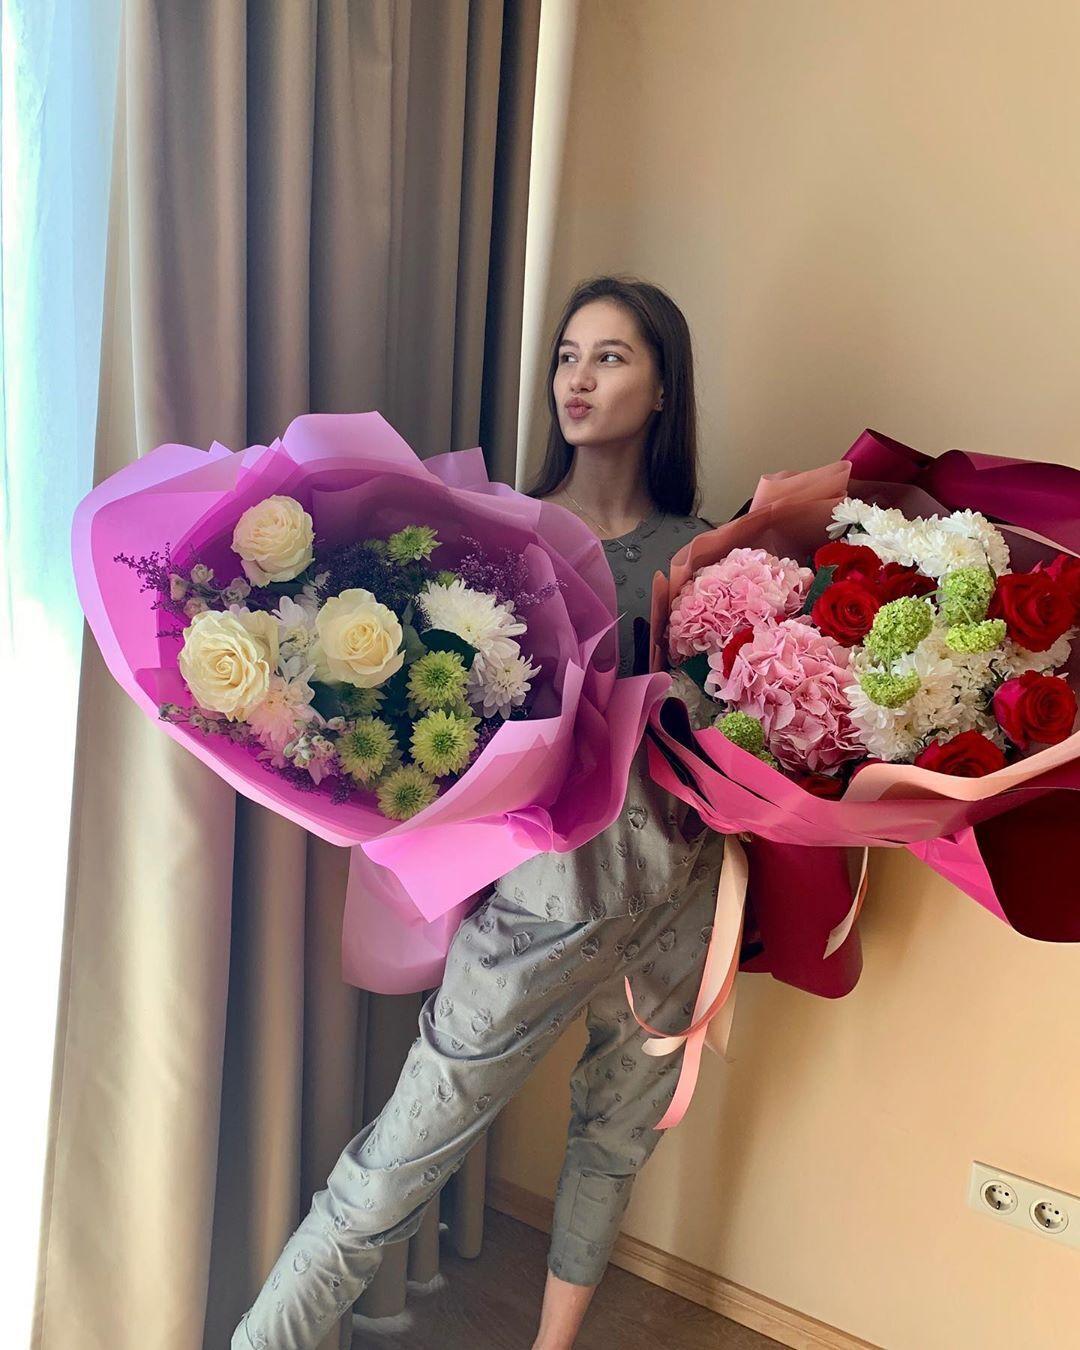 Влада Никольченко и букеты цветов